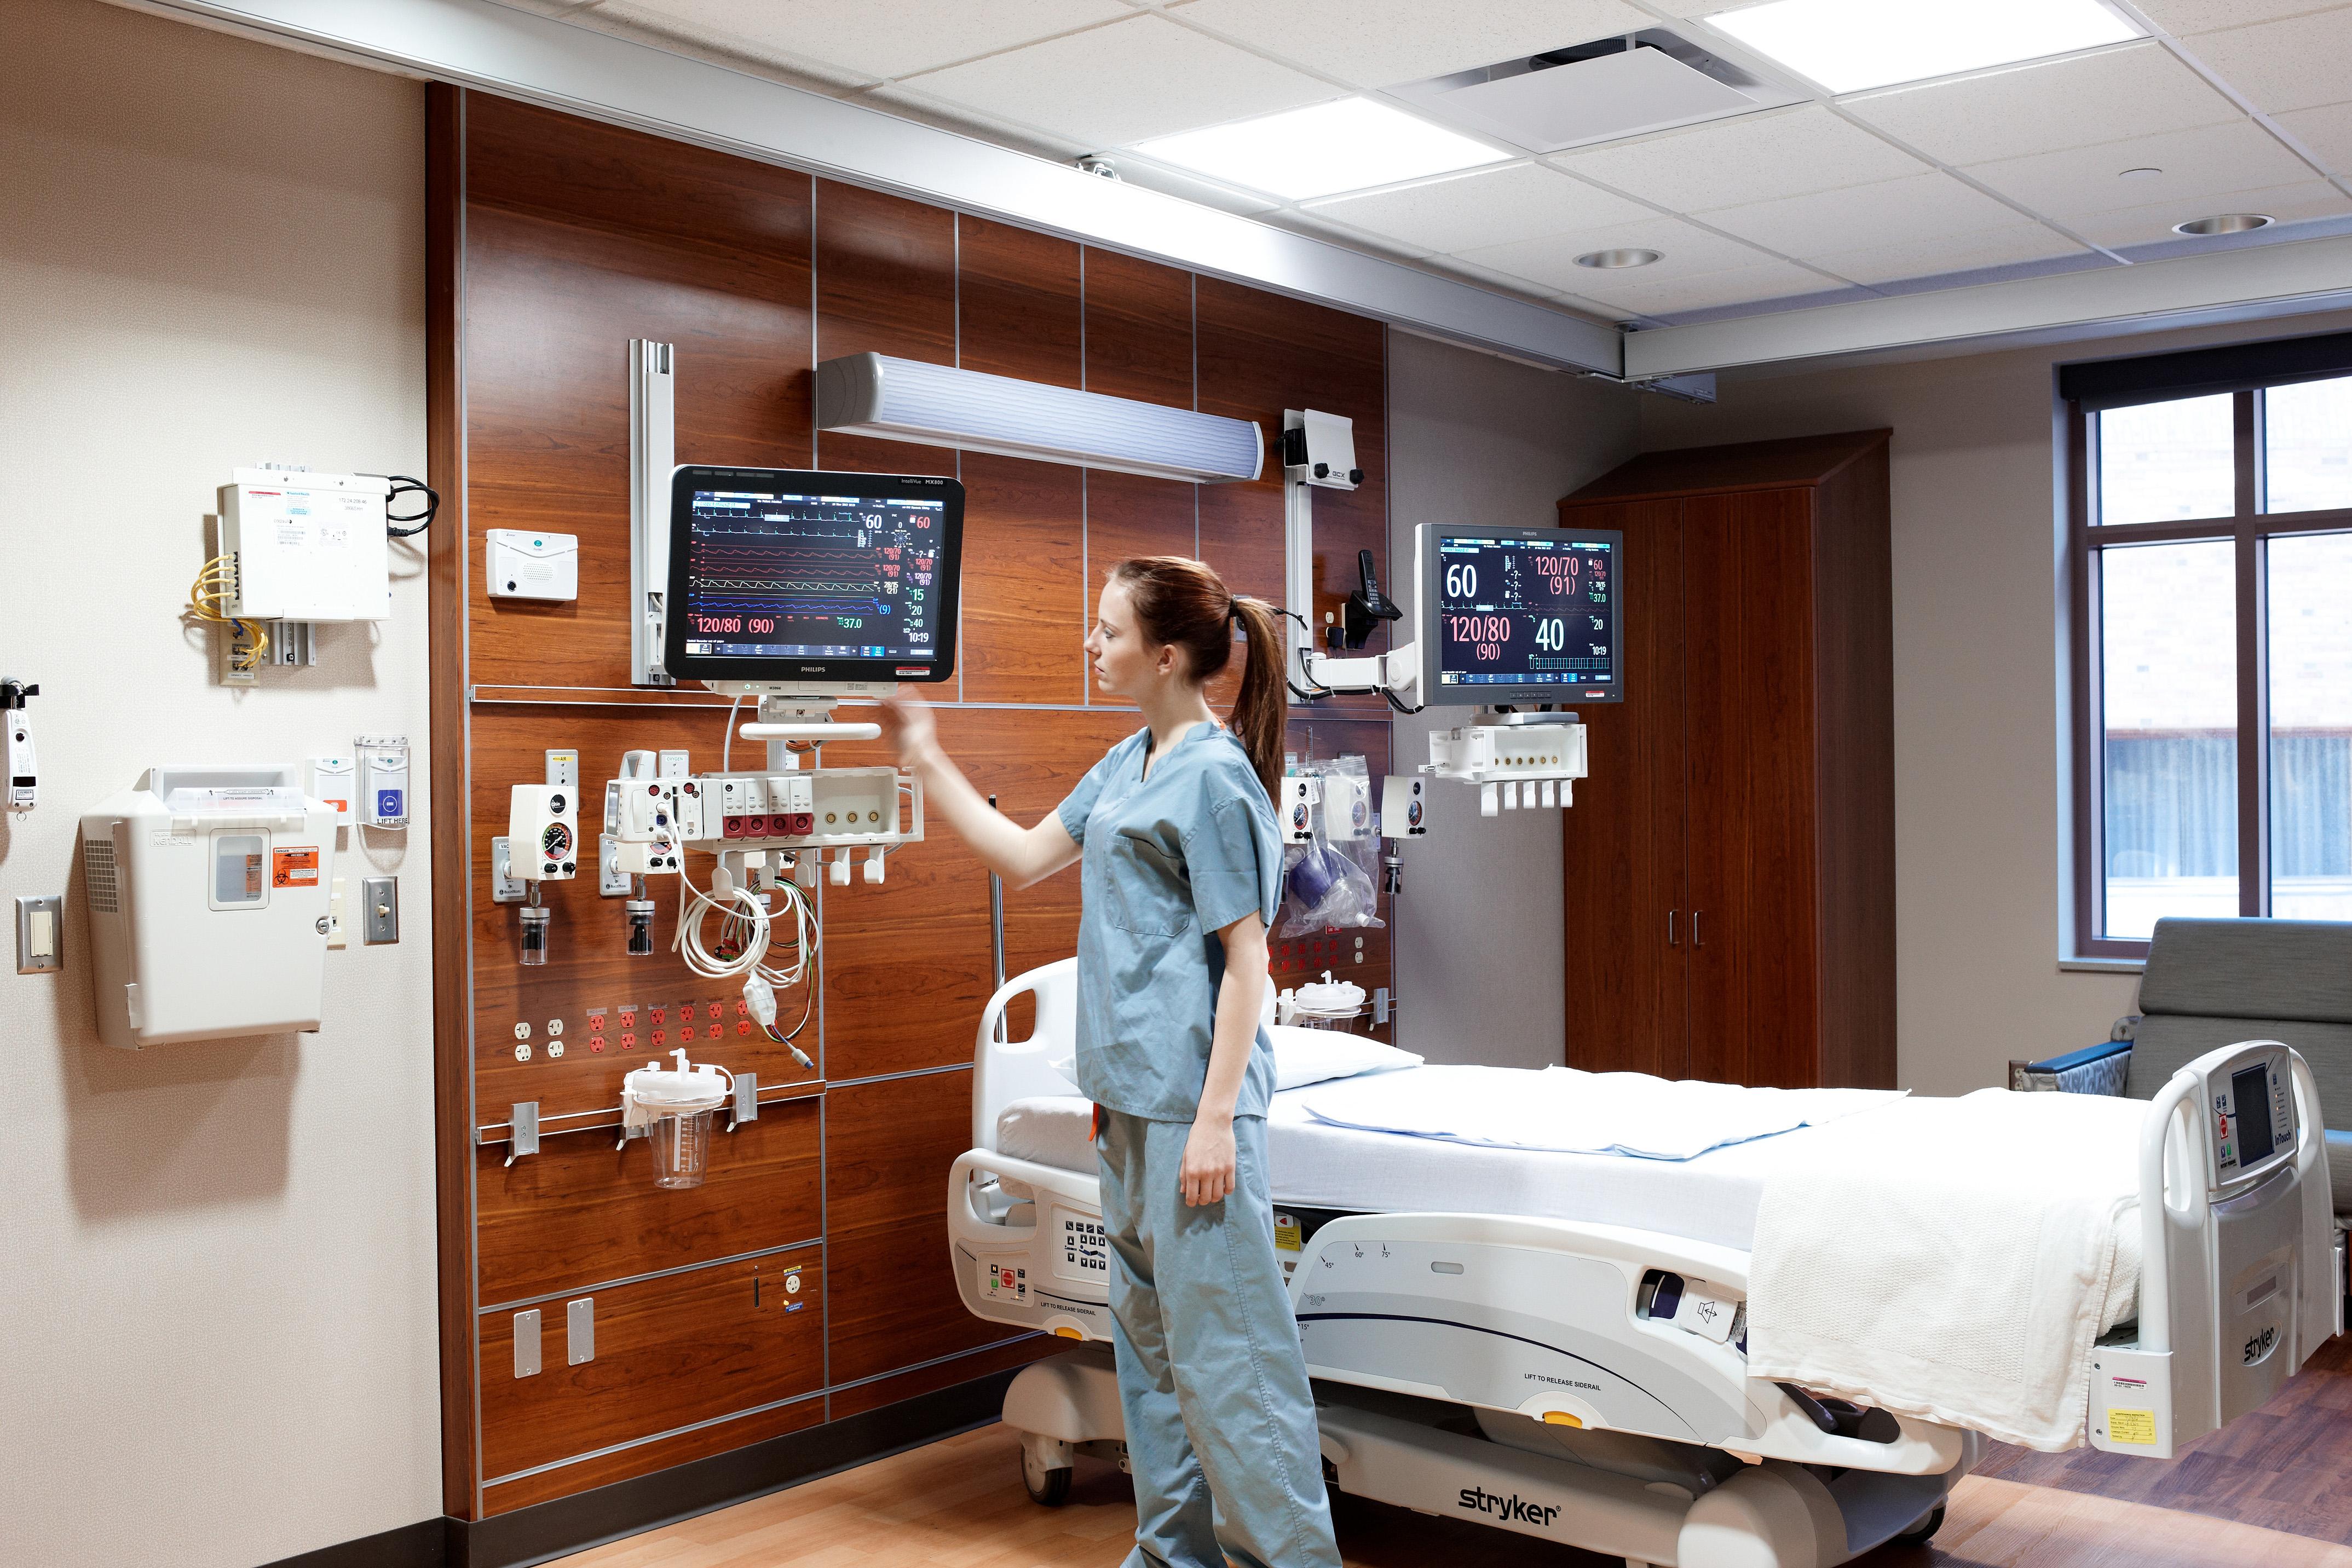 L'interopérabilité biomédicale aide l'hôpital universitaire de Wirral (Royaume-Uni) à renforcer la sécurité des patients